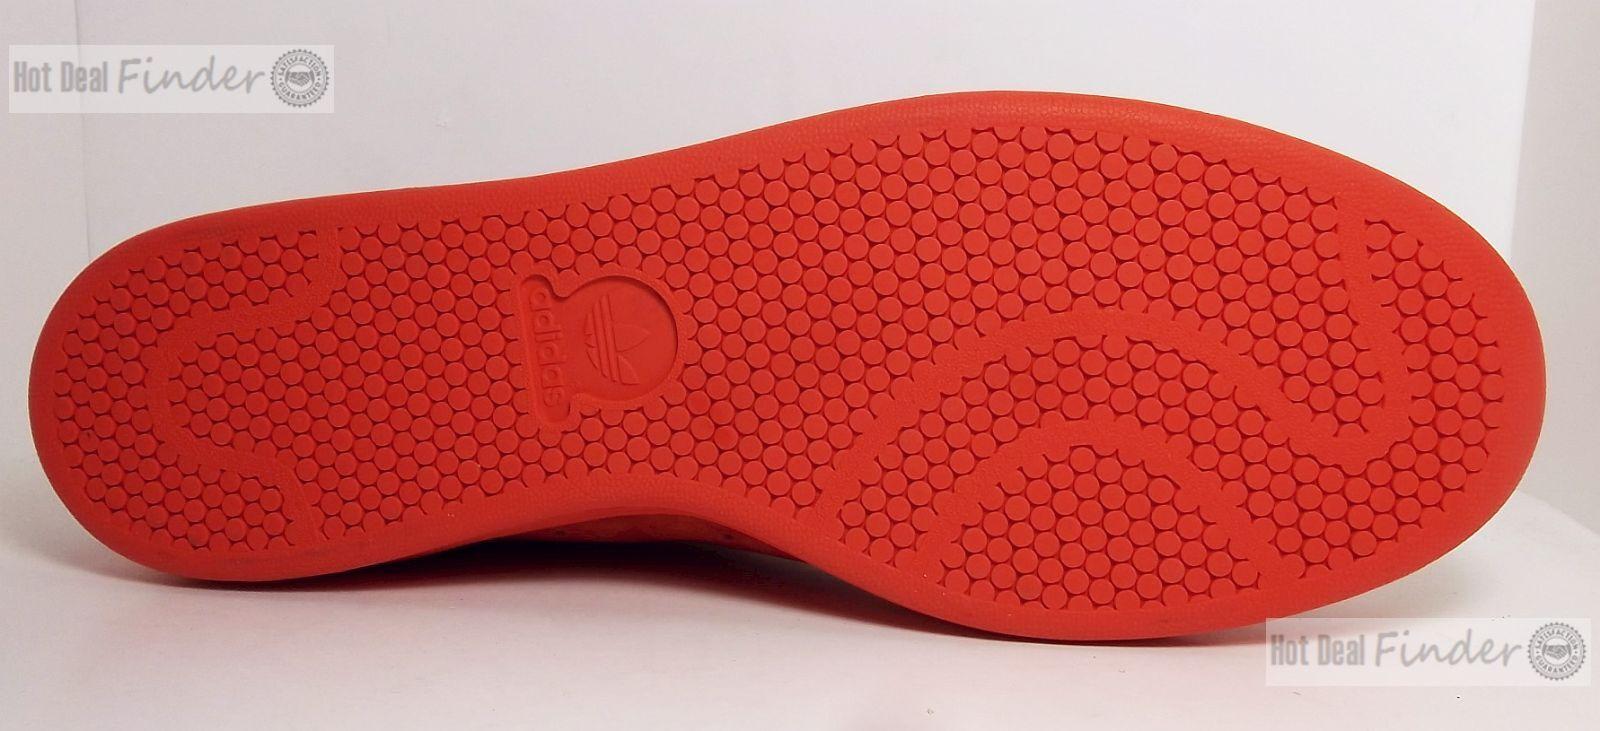 Neue adidas größe originals stan smith = größe adidas 13 = männer wildlederschuhe turnschuhe s75109 a5bb86